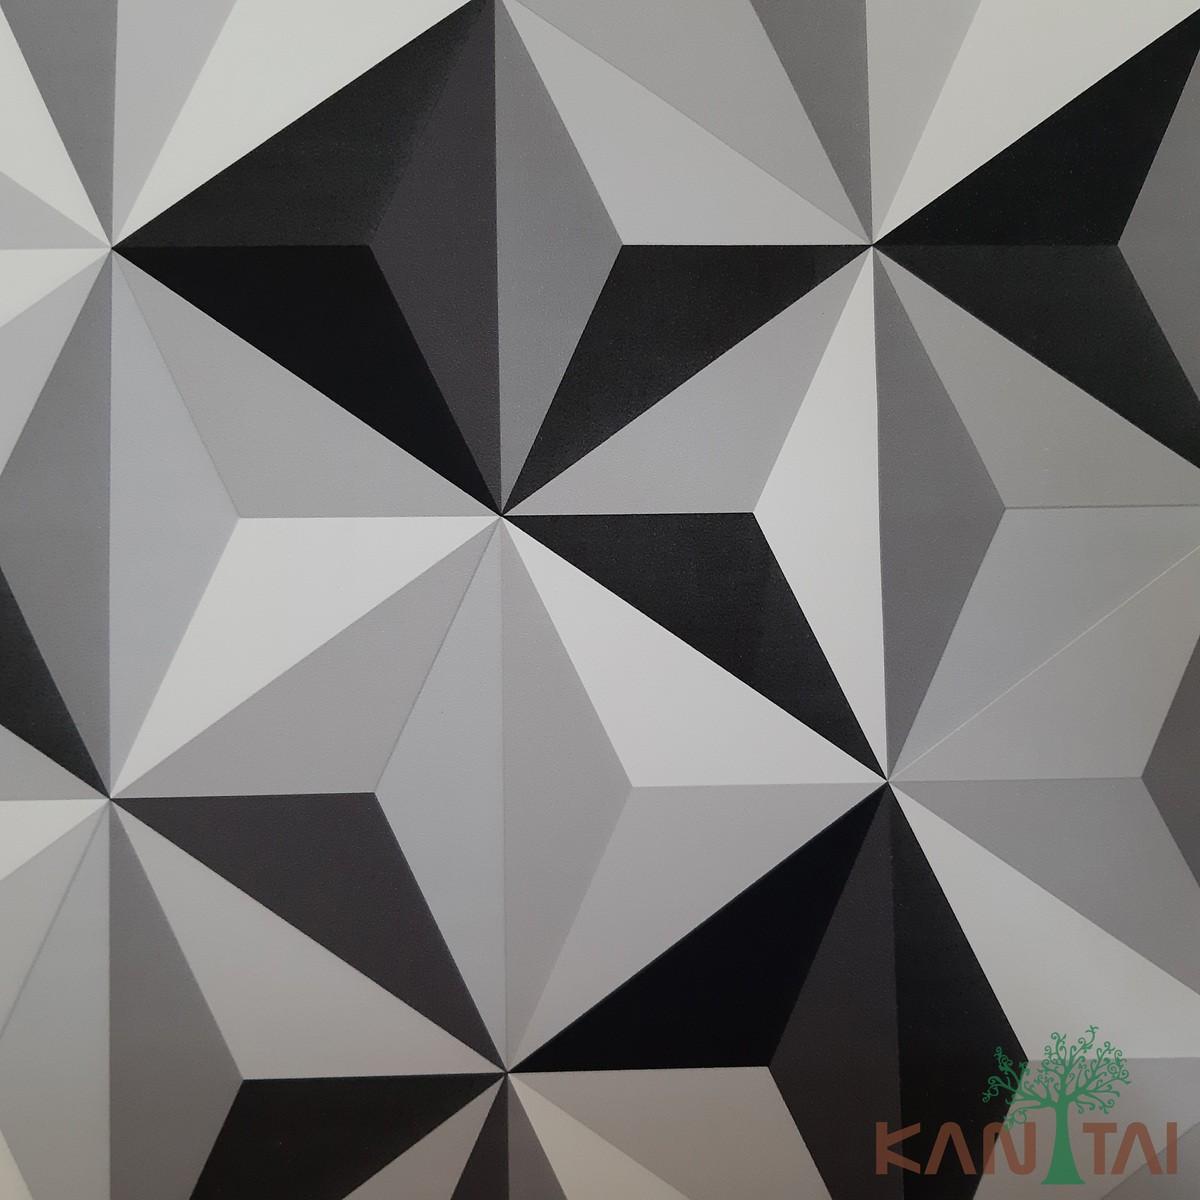 Papel de Parede Kan Tai Vinílico Coleção Grace 3 Geométrico 3D Preto, Branco, Cinza